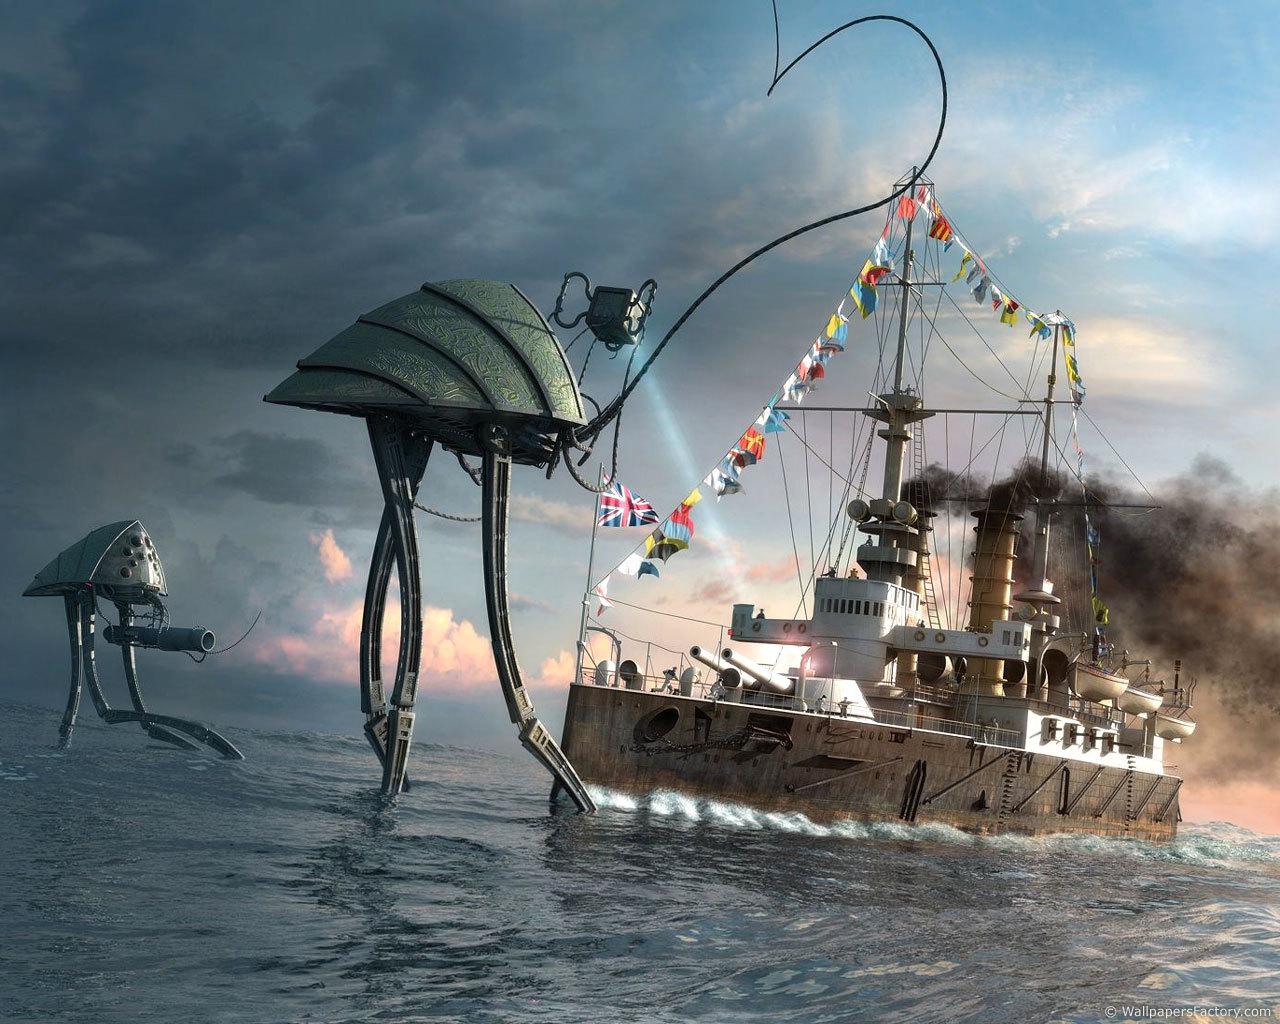 22807 скачать обои Фэнтези, Корабли, Море, Инопланетяне, Нло (Extraterrestrials, Ufo) - заставки и картинки бесплатно